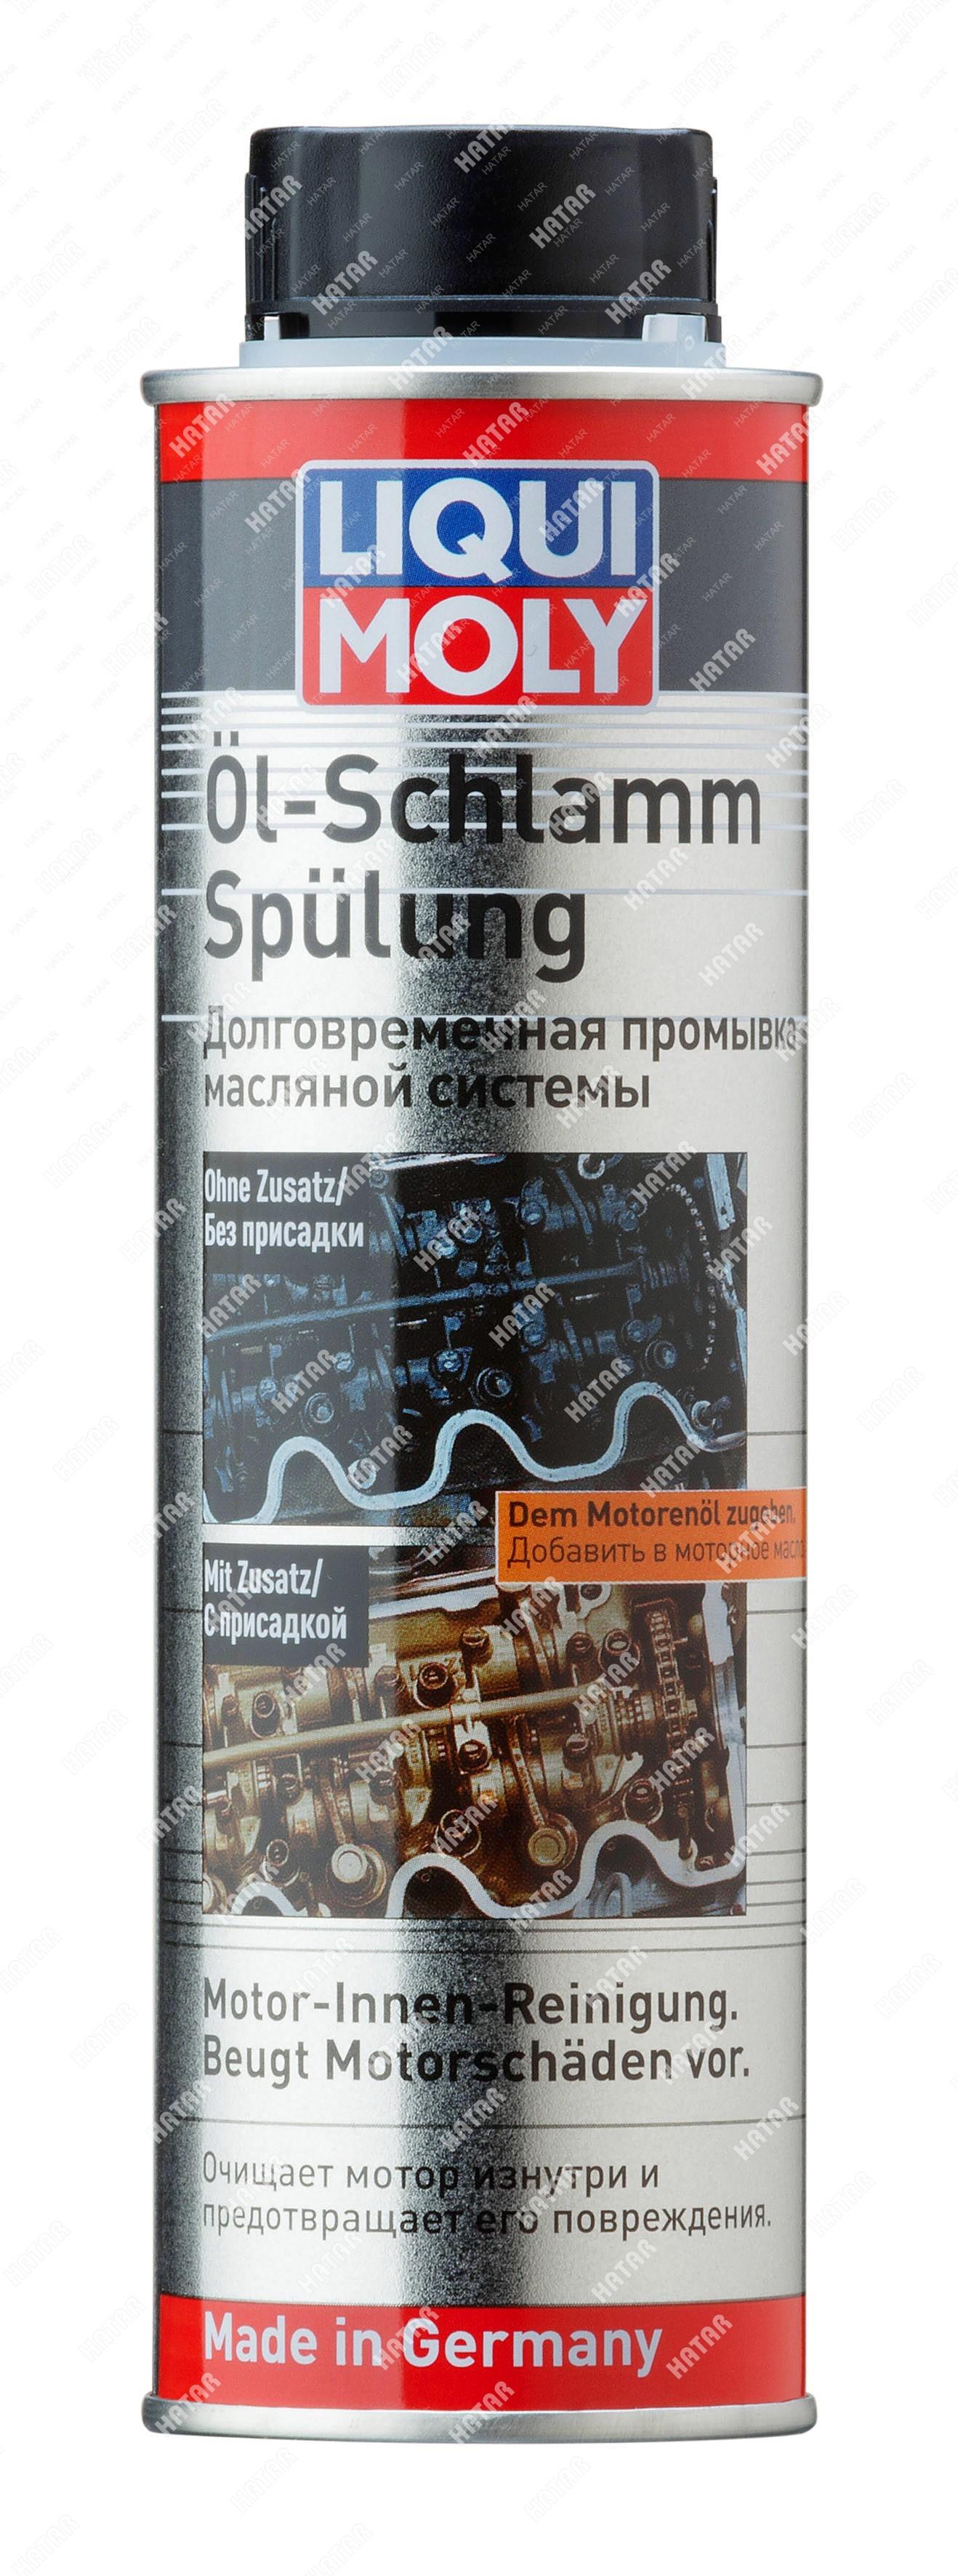 LIQUI MOLY Долговременная промывка масляной сист. oil-schlamm-spulung (0,3л)